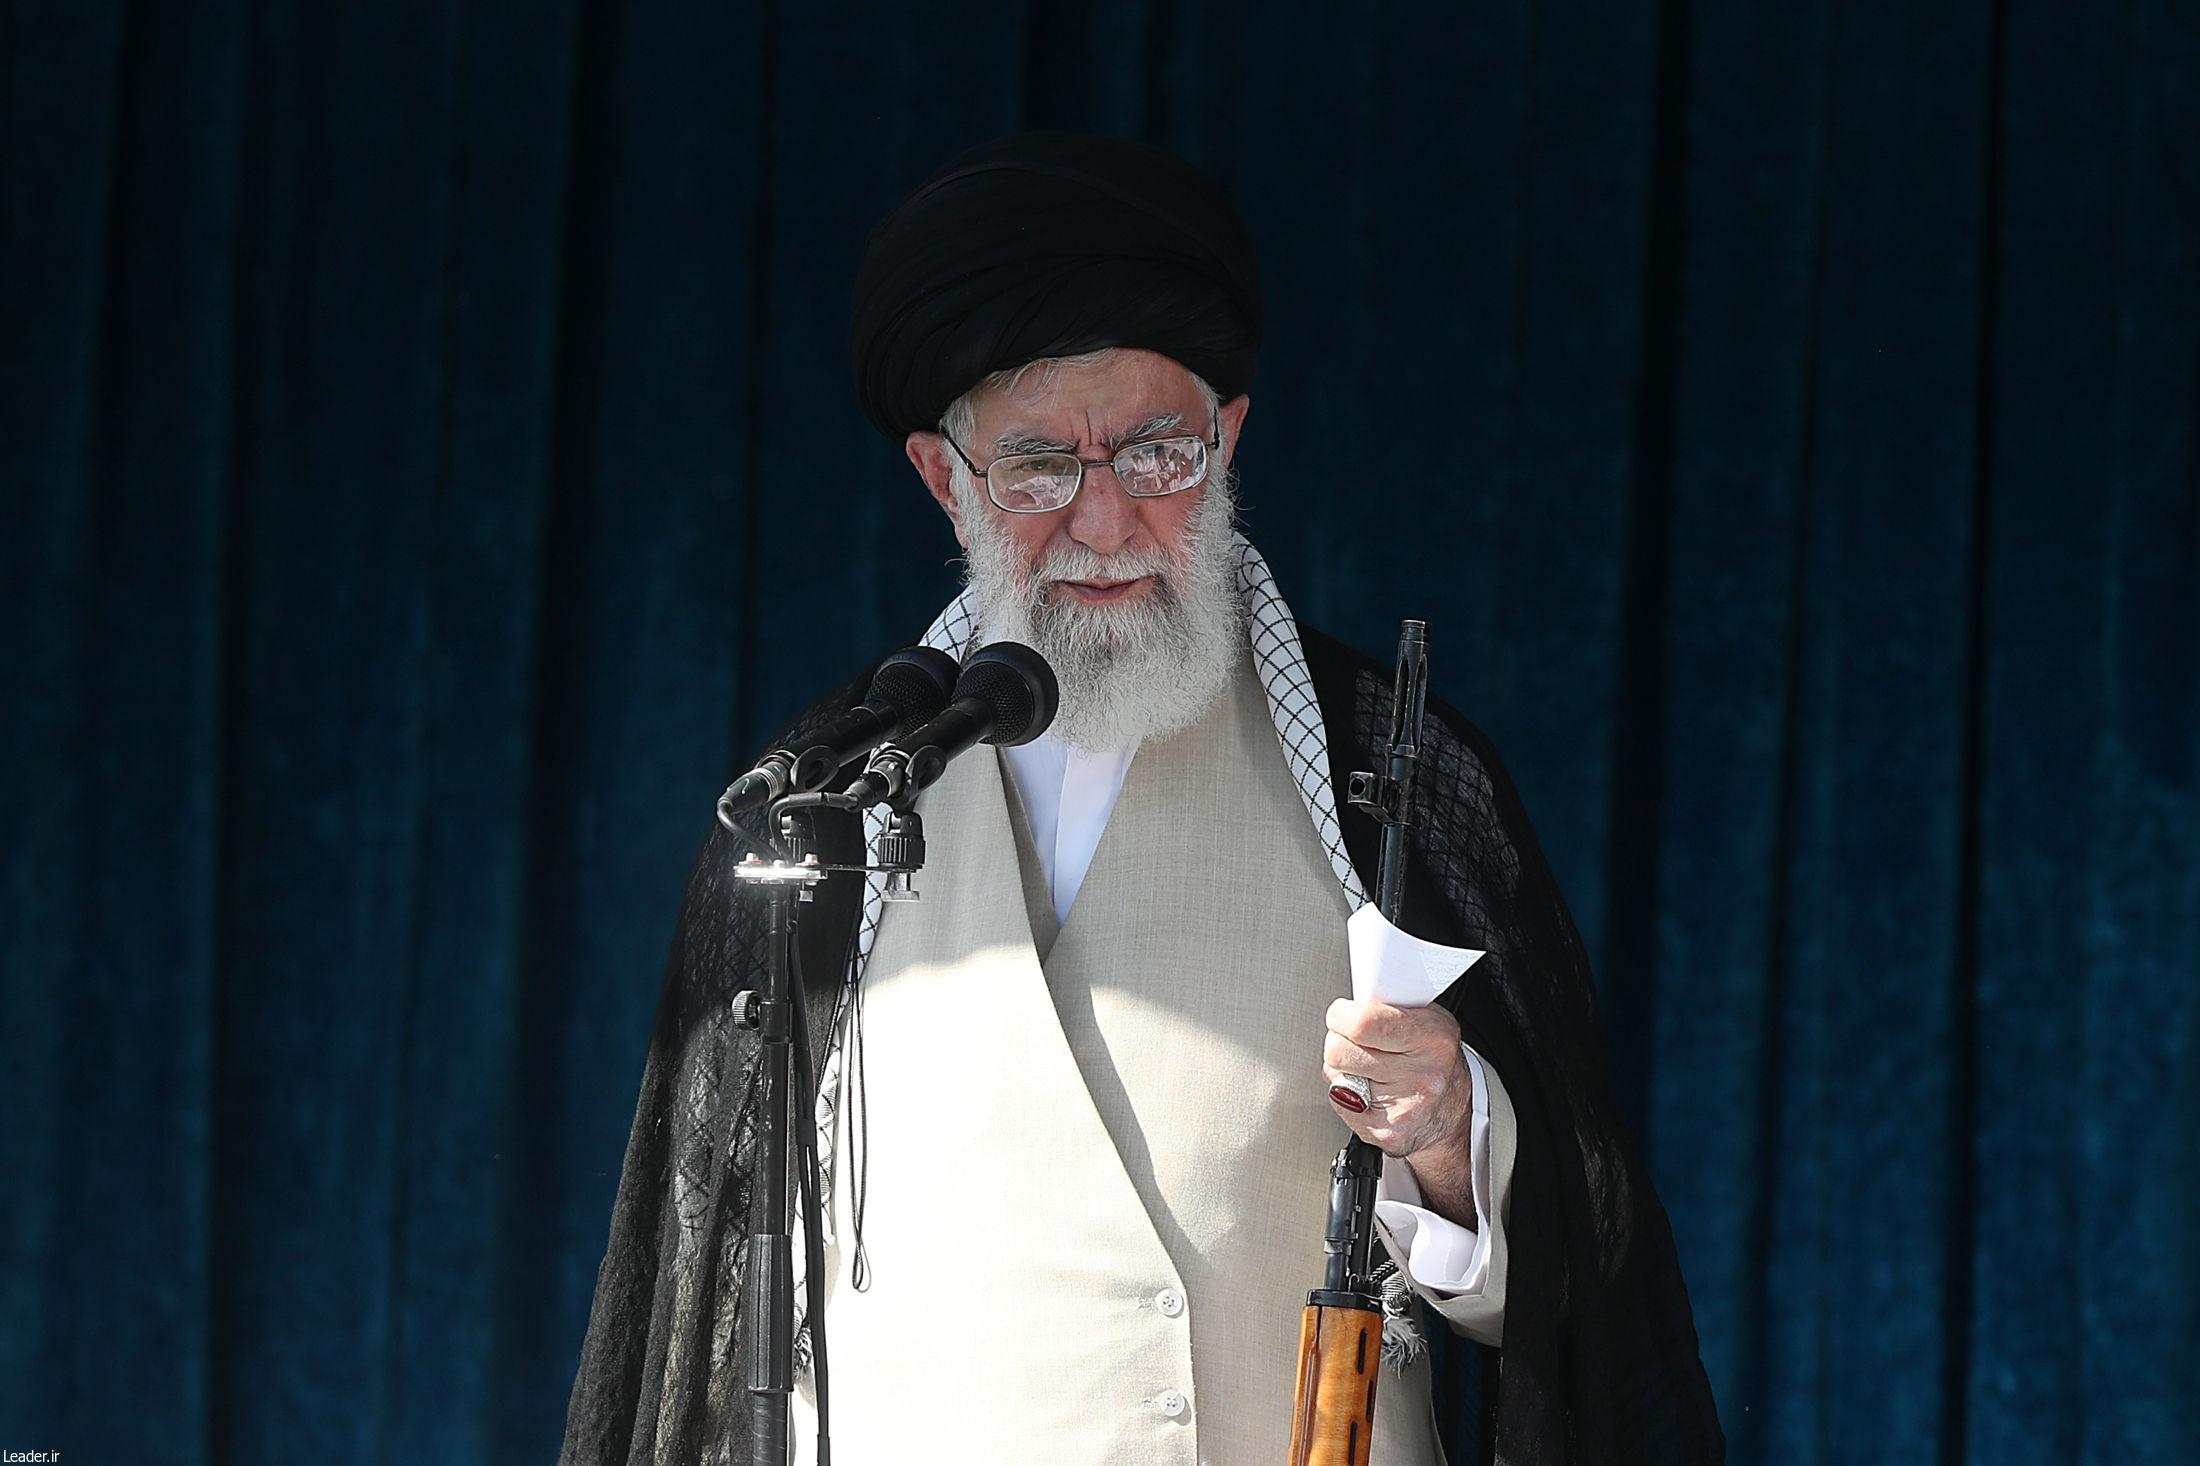 اسلحه رهبر انقلاب در نماز عید فطر +تصاویر